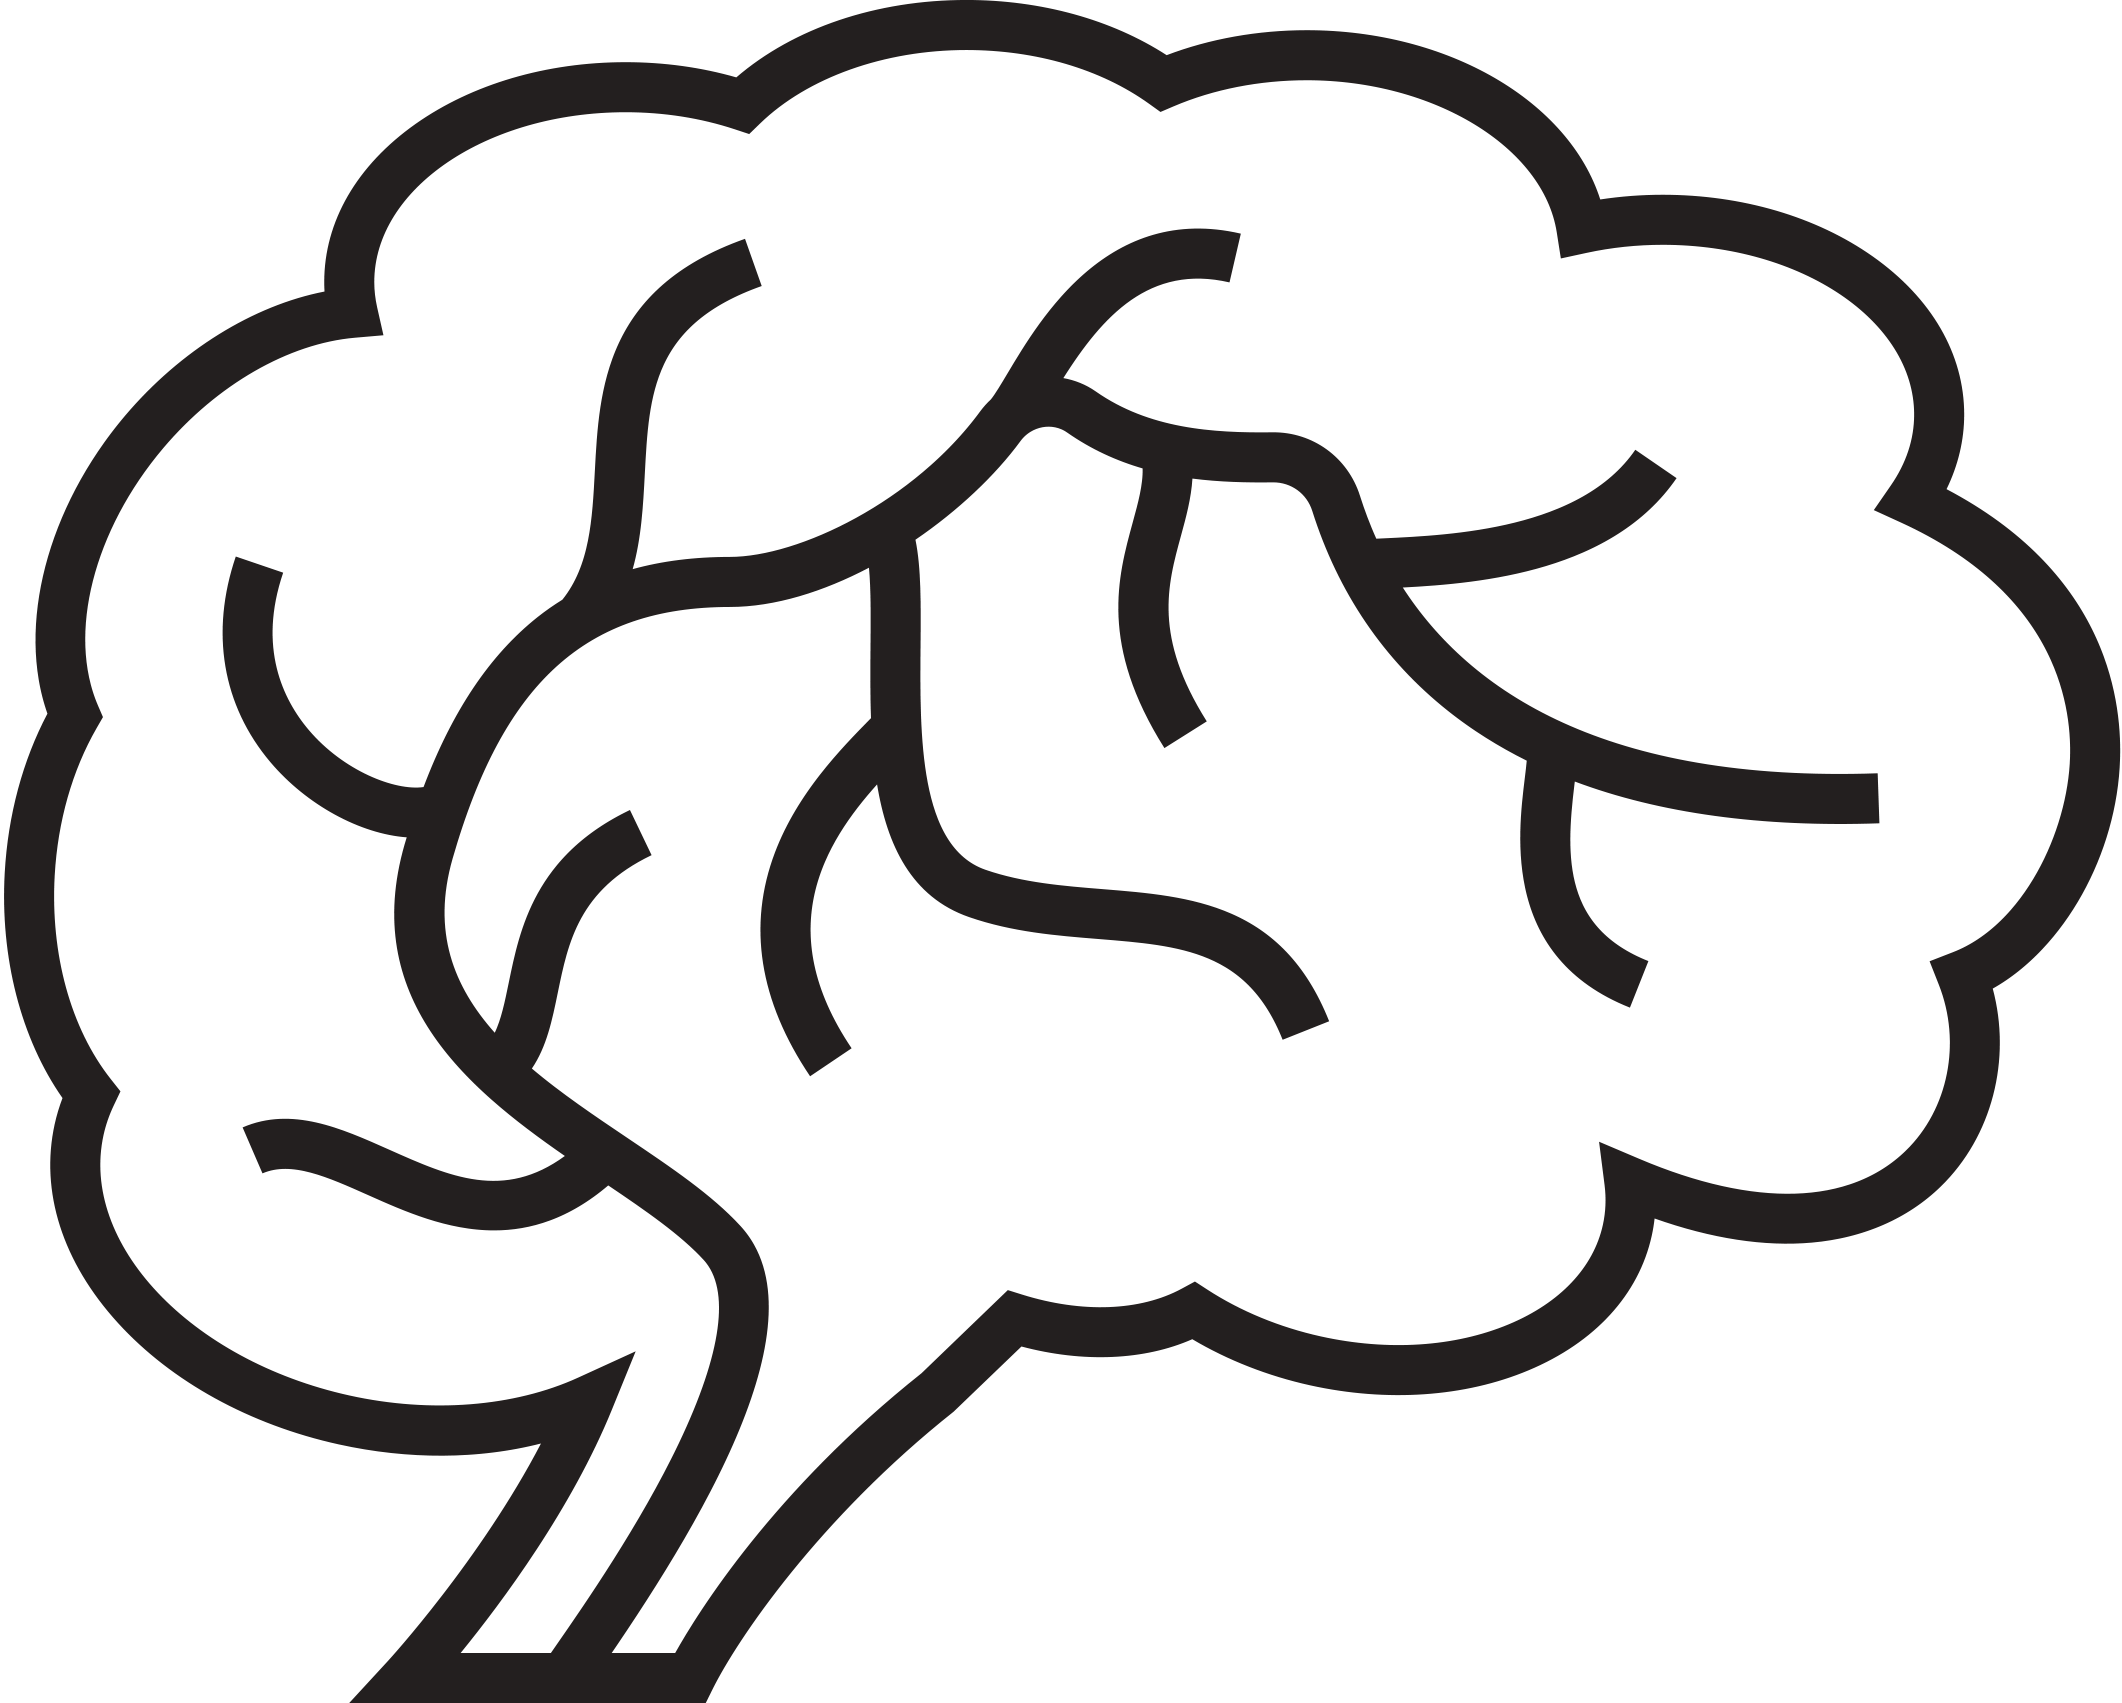 Hjernefabel logo